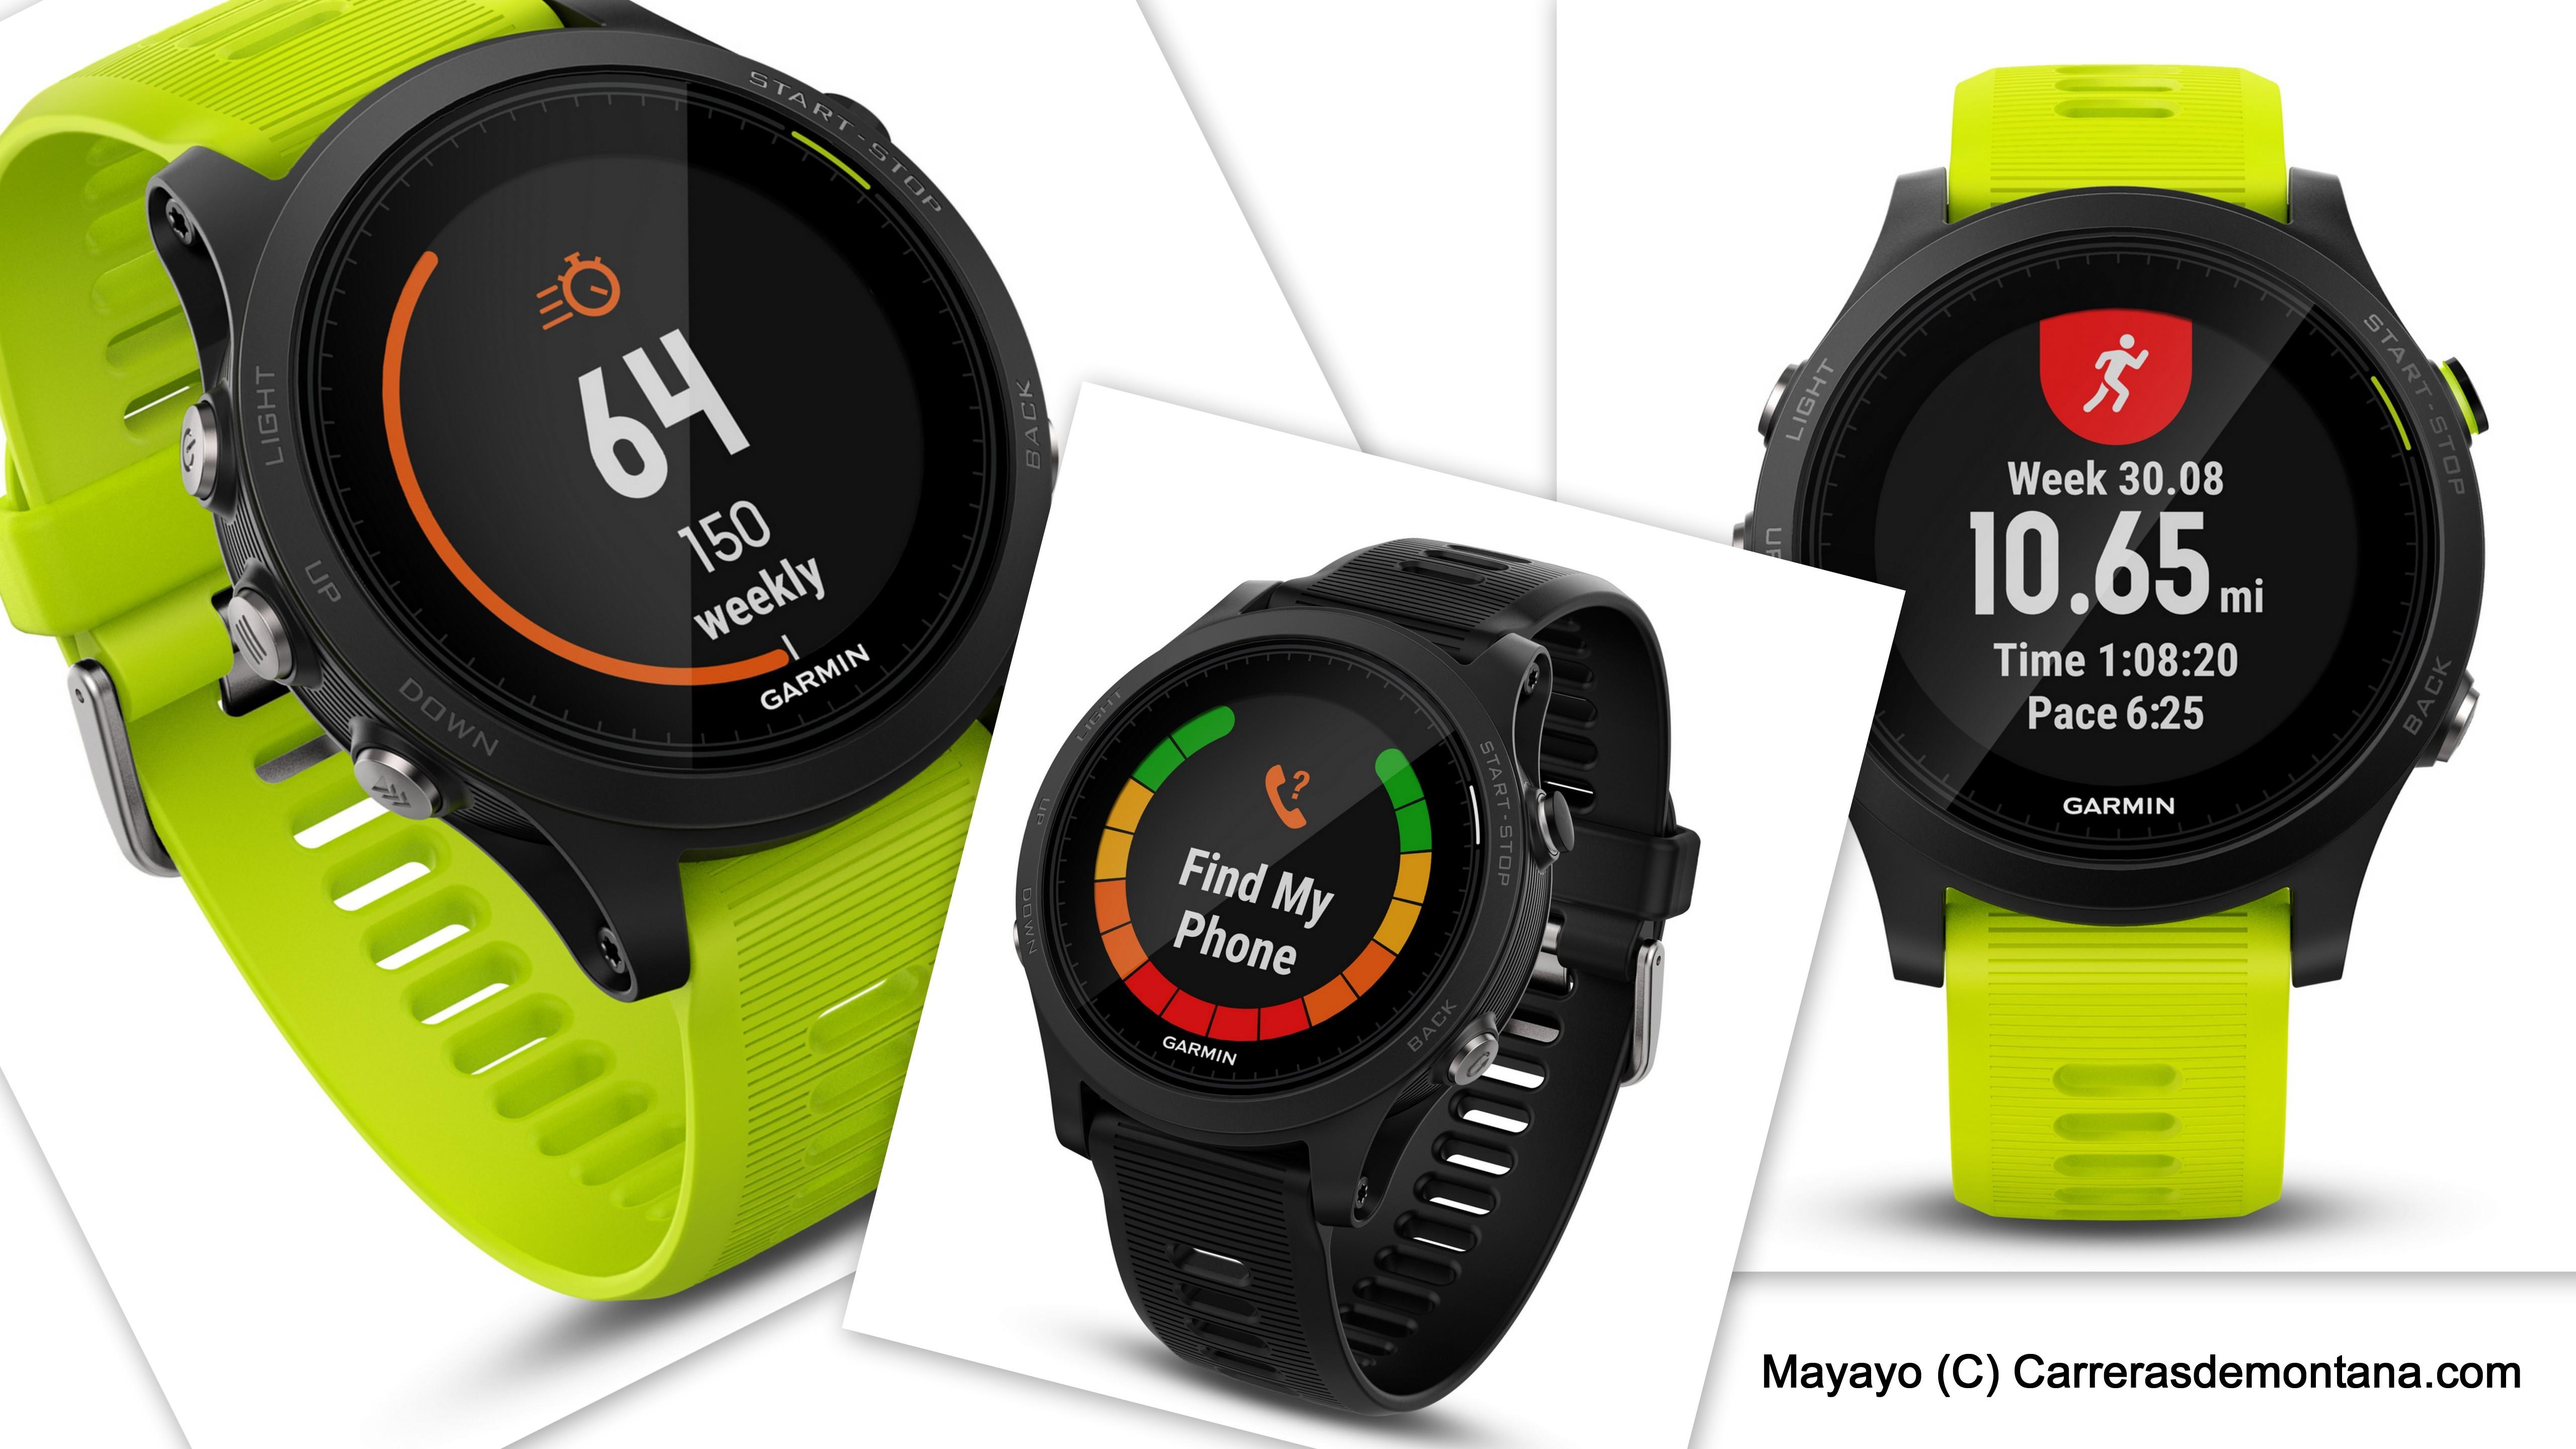 Garmin Forerunner 935 (549€/49g) Reloj gps para running, ciclismo, natación, triatlón y más. Análisis técnico por Mayayo